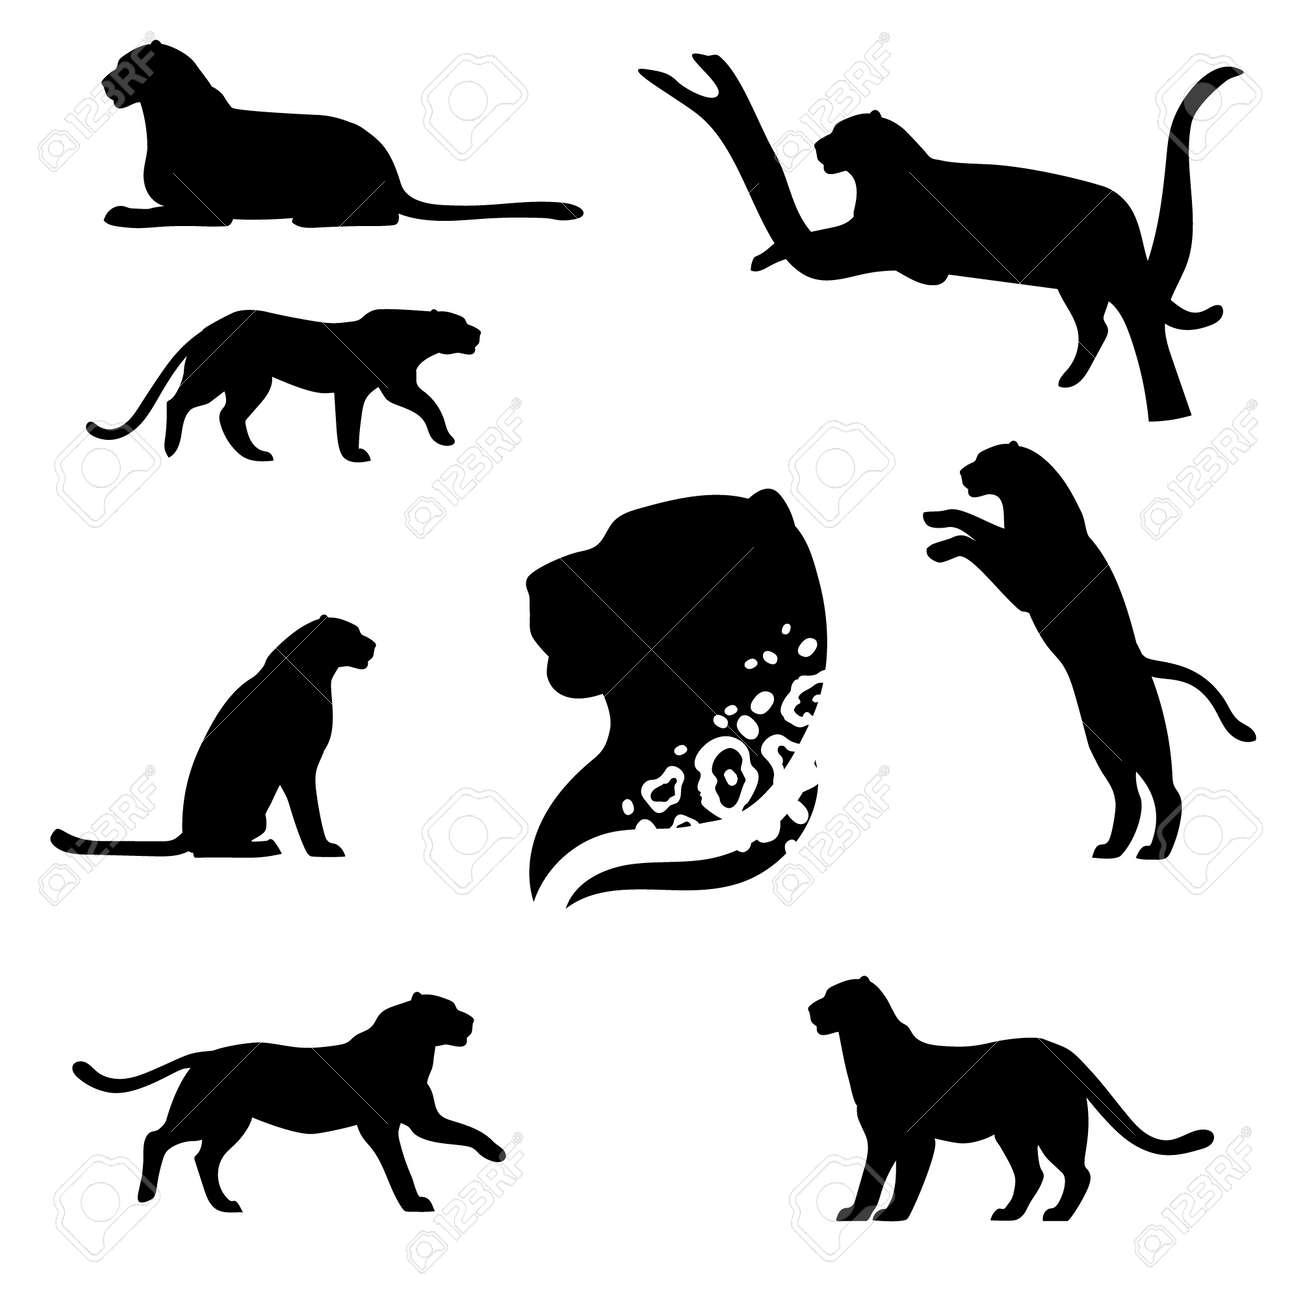 ヒョウは、黒いシルエットのセット。アイコンや動物のイラスト。野生